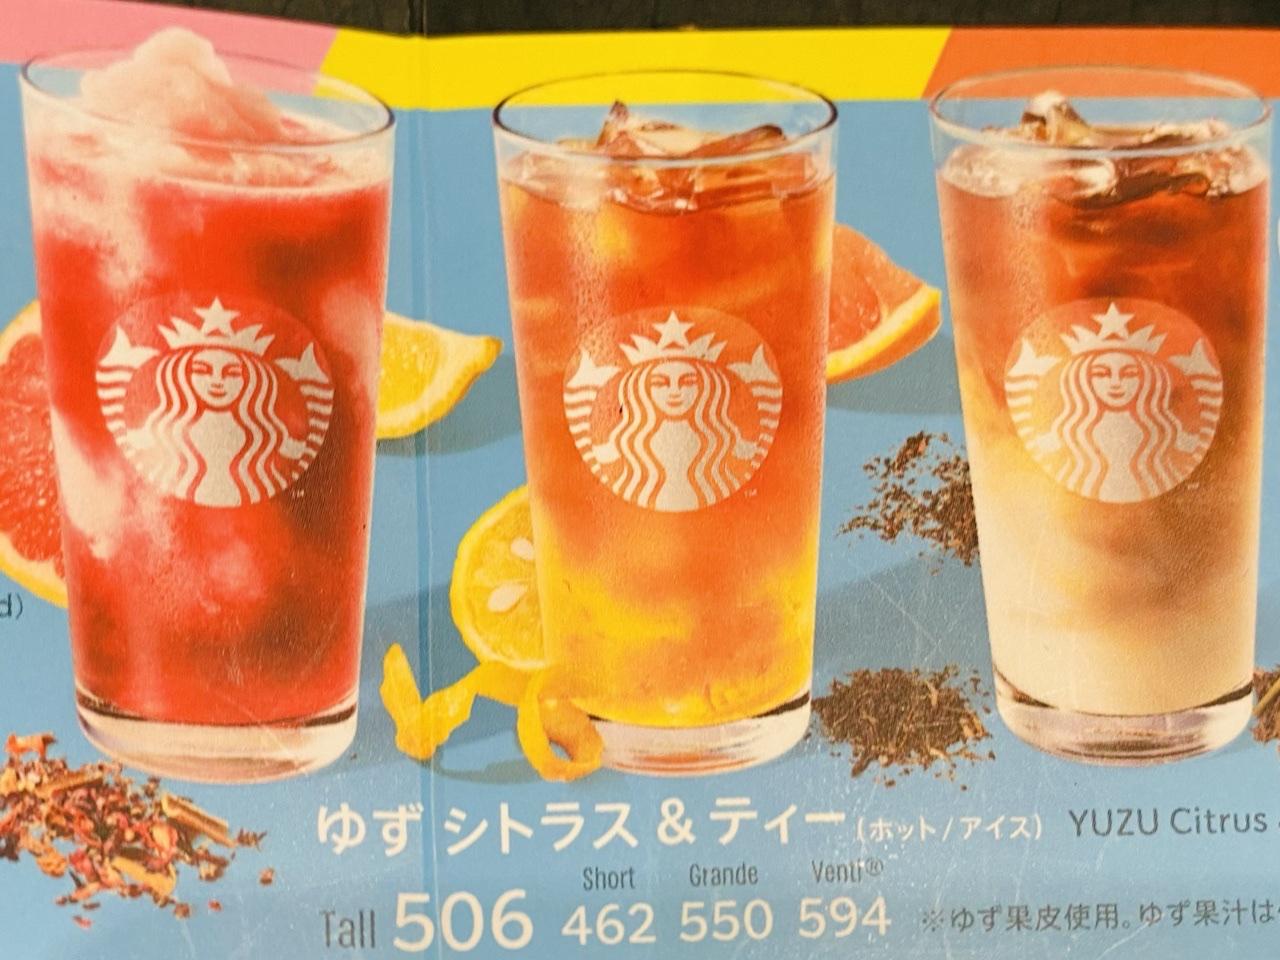 【スタバ新作】驚異の低カロリー!夏感満載《ピンク フローズン レモネード》は絶対飲んで♡_1